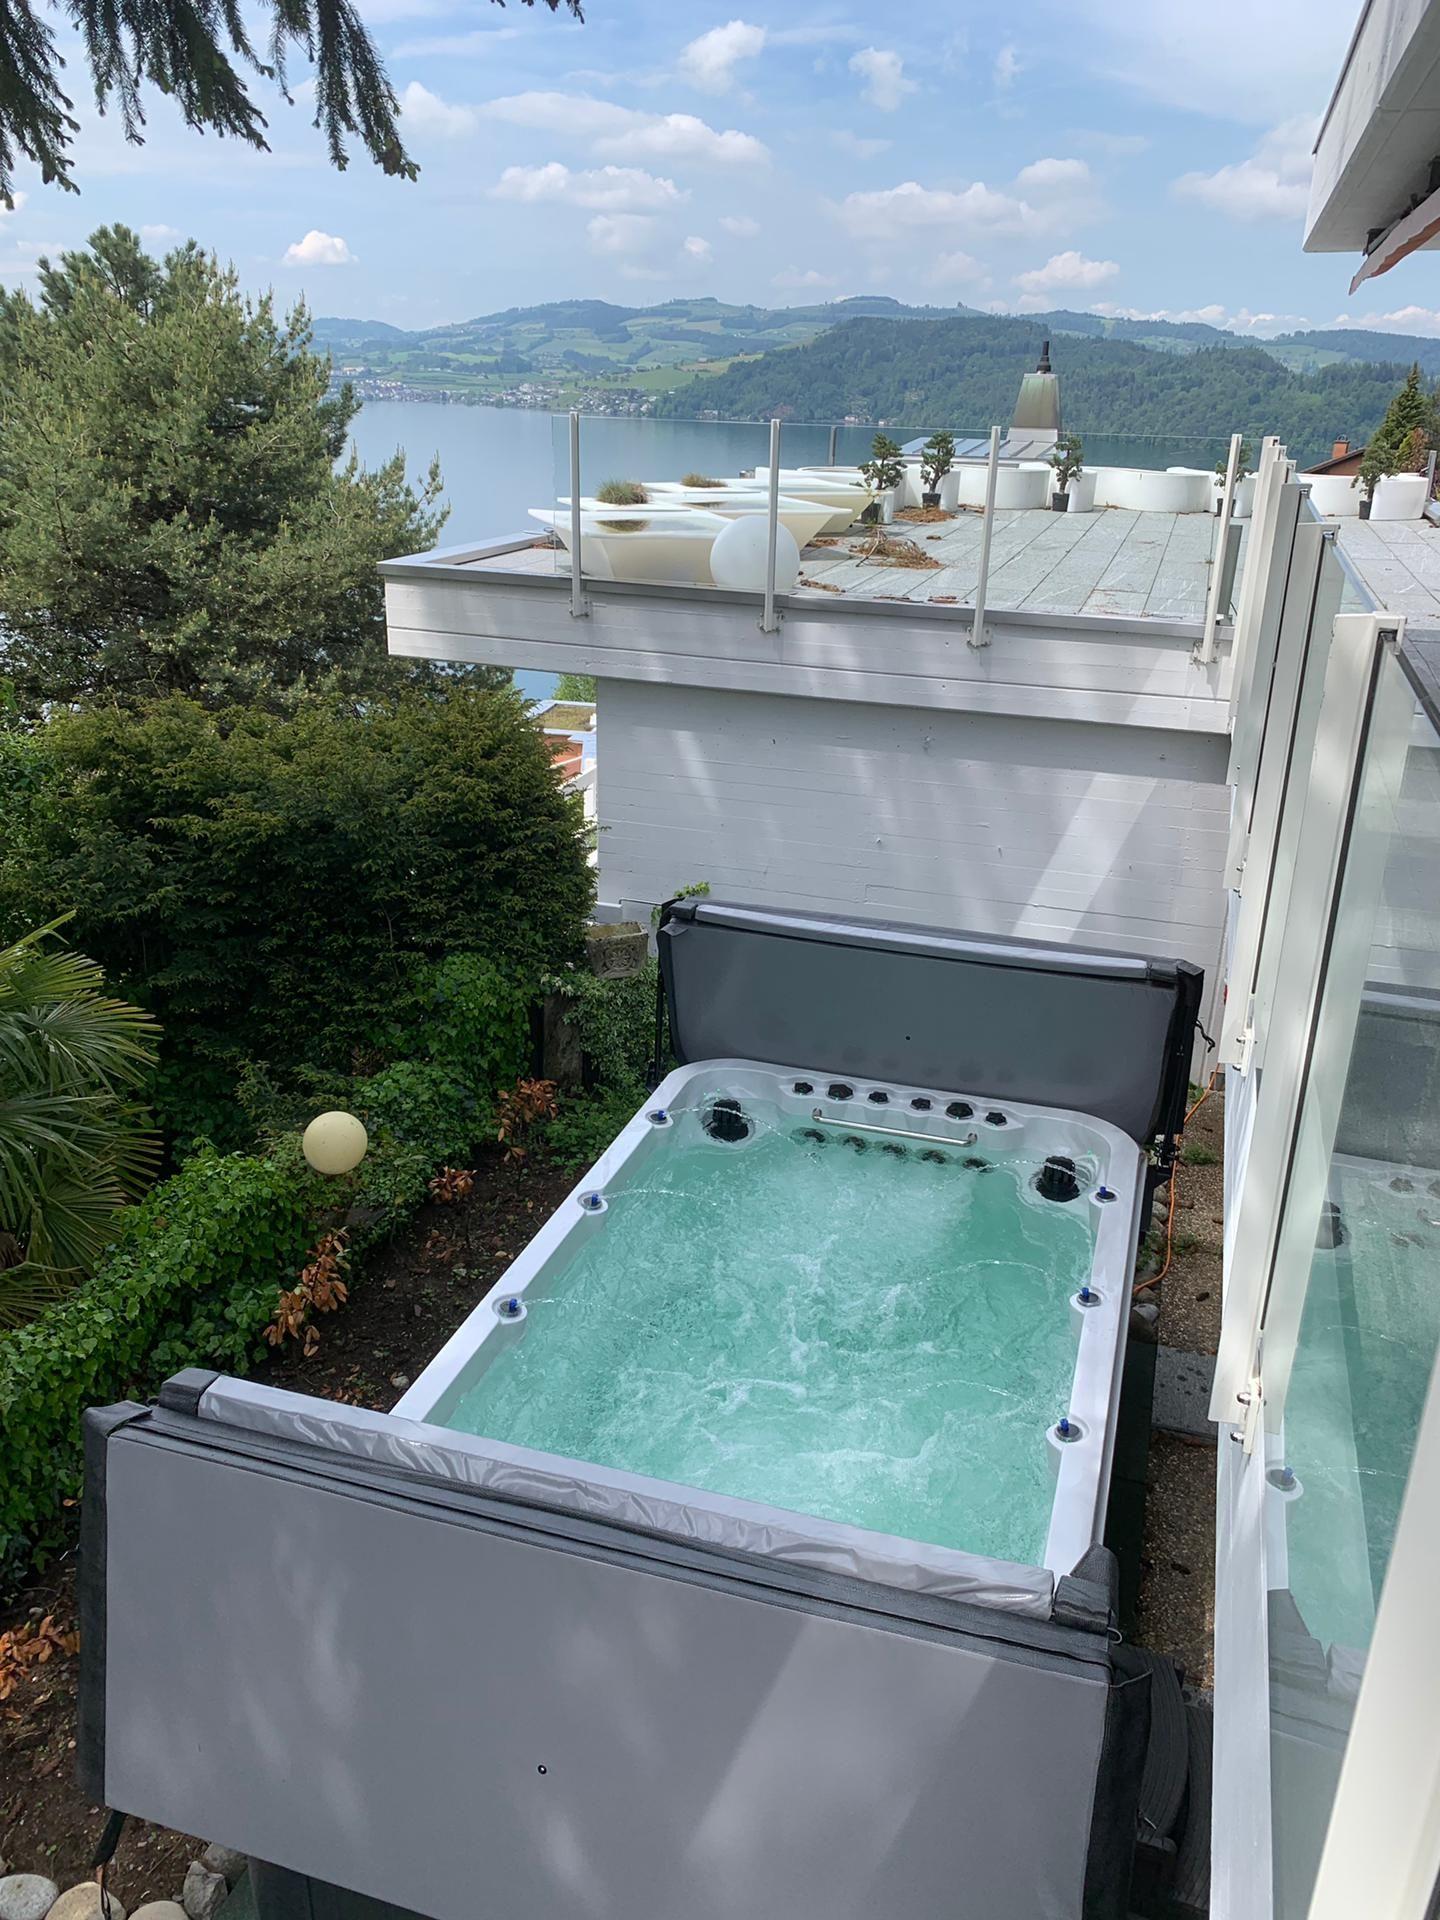 Swim Spa Von Arrigato Whirlpool Kaufen Whirlpool Outdoor